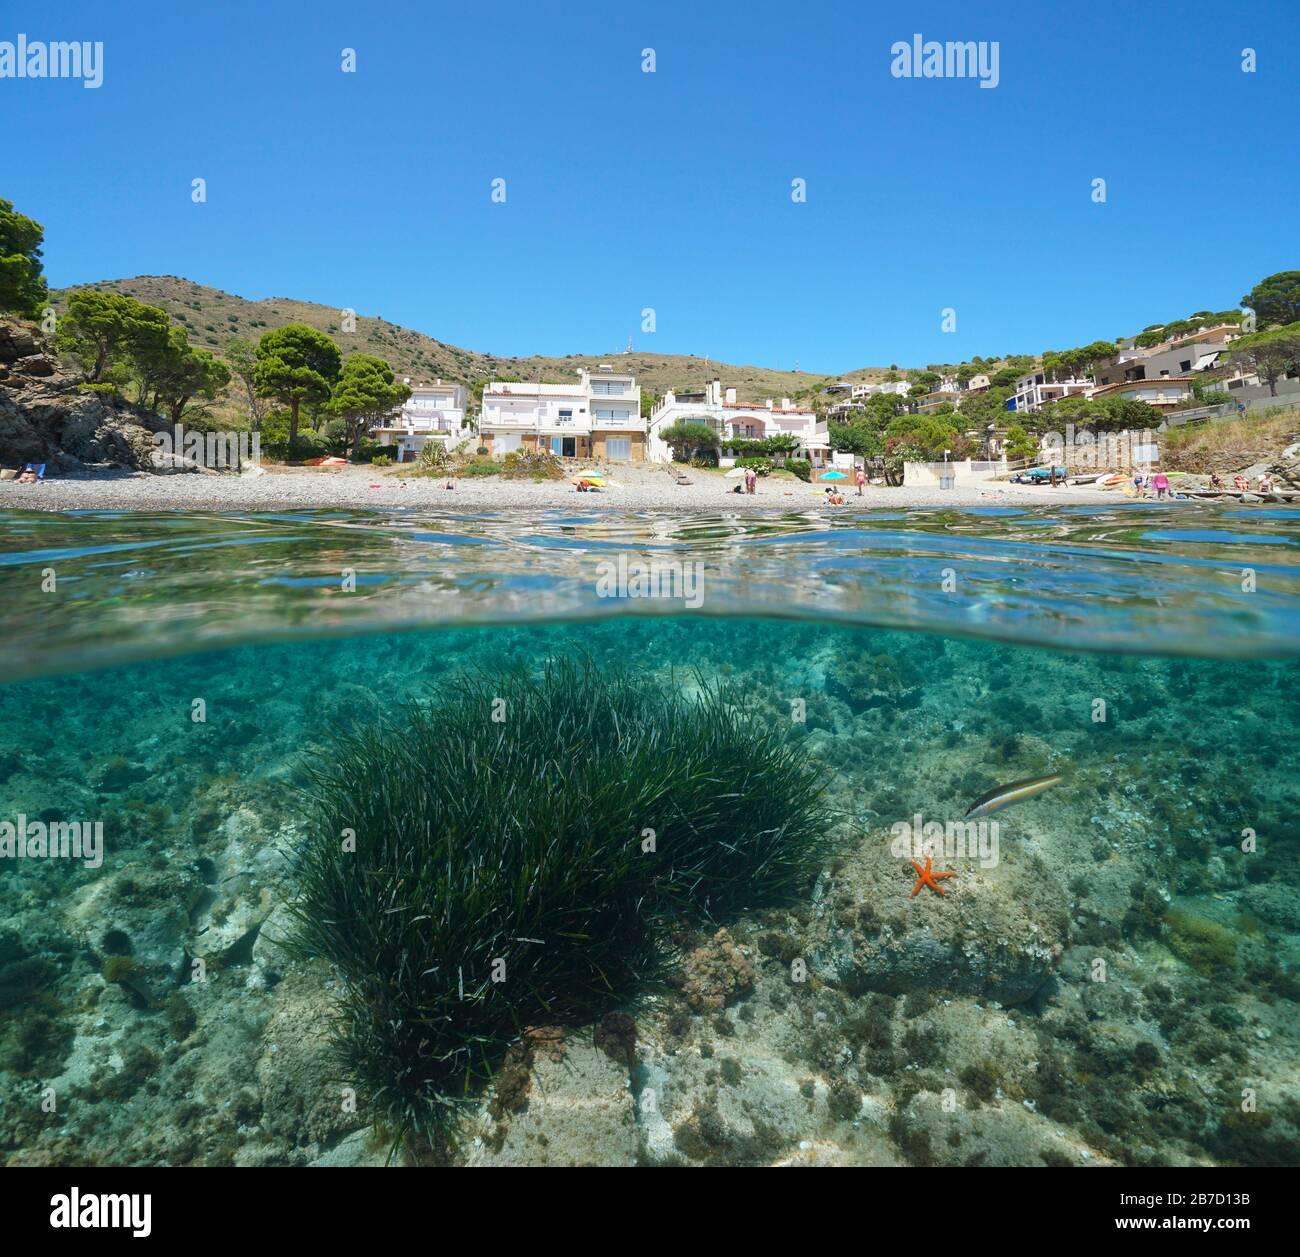 España vacaciones de verano mar Mediterráneo, costa de playa con edificios, vista dividida sobre y debajo de la superficie del agua, Costa Brava, Colera, Cataluña Foto de stock